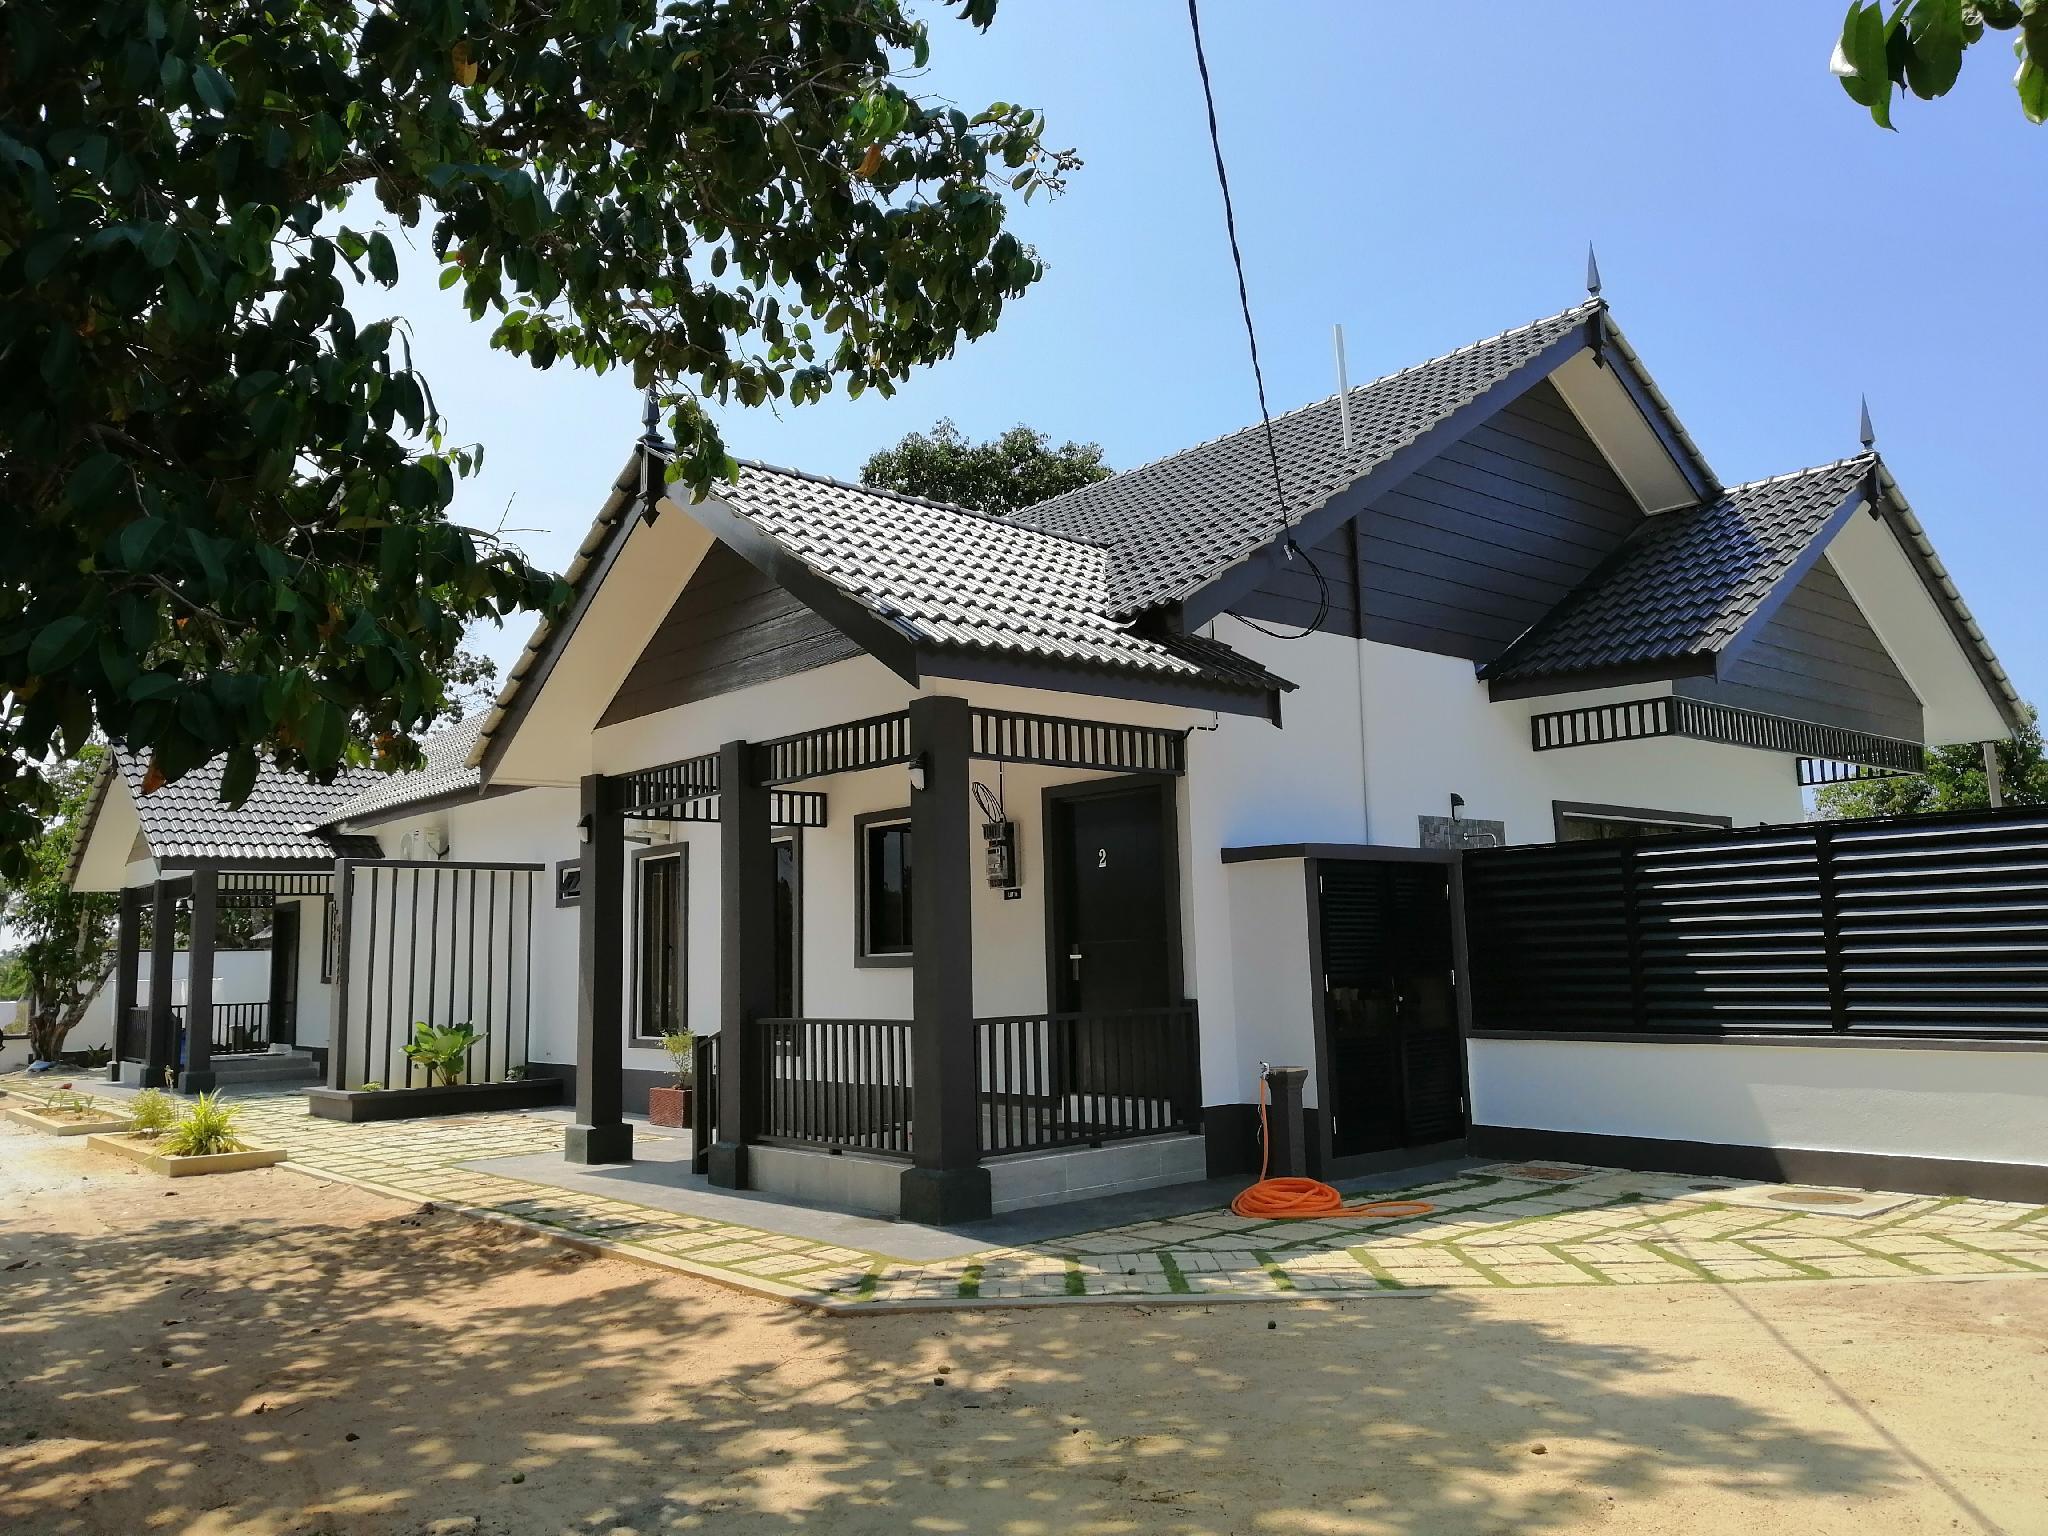 Дом в наратхивате купить домик из финляндии